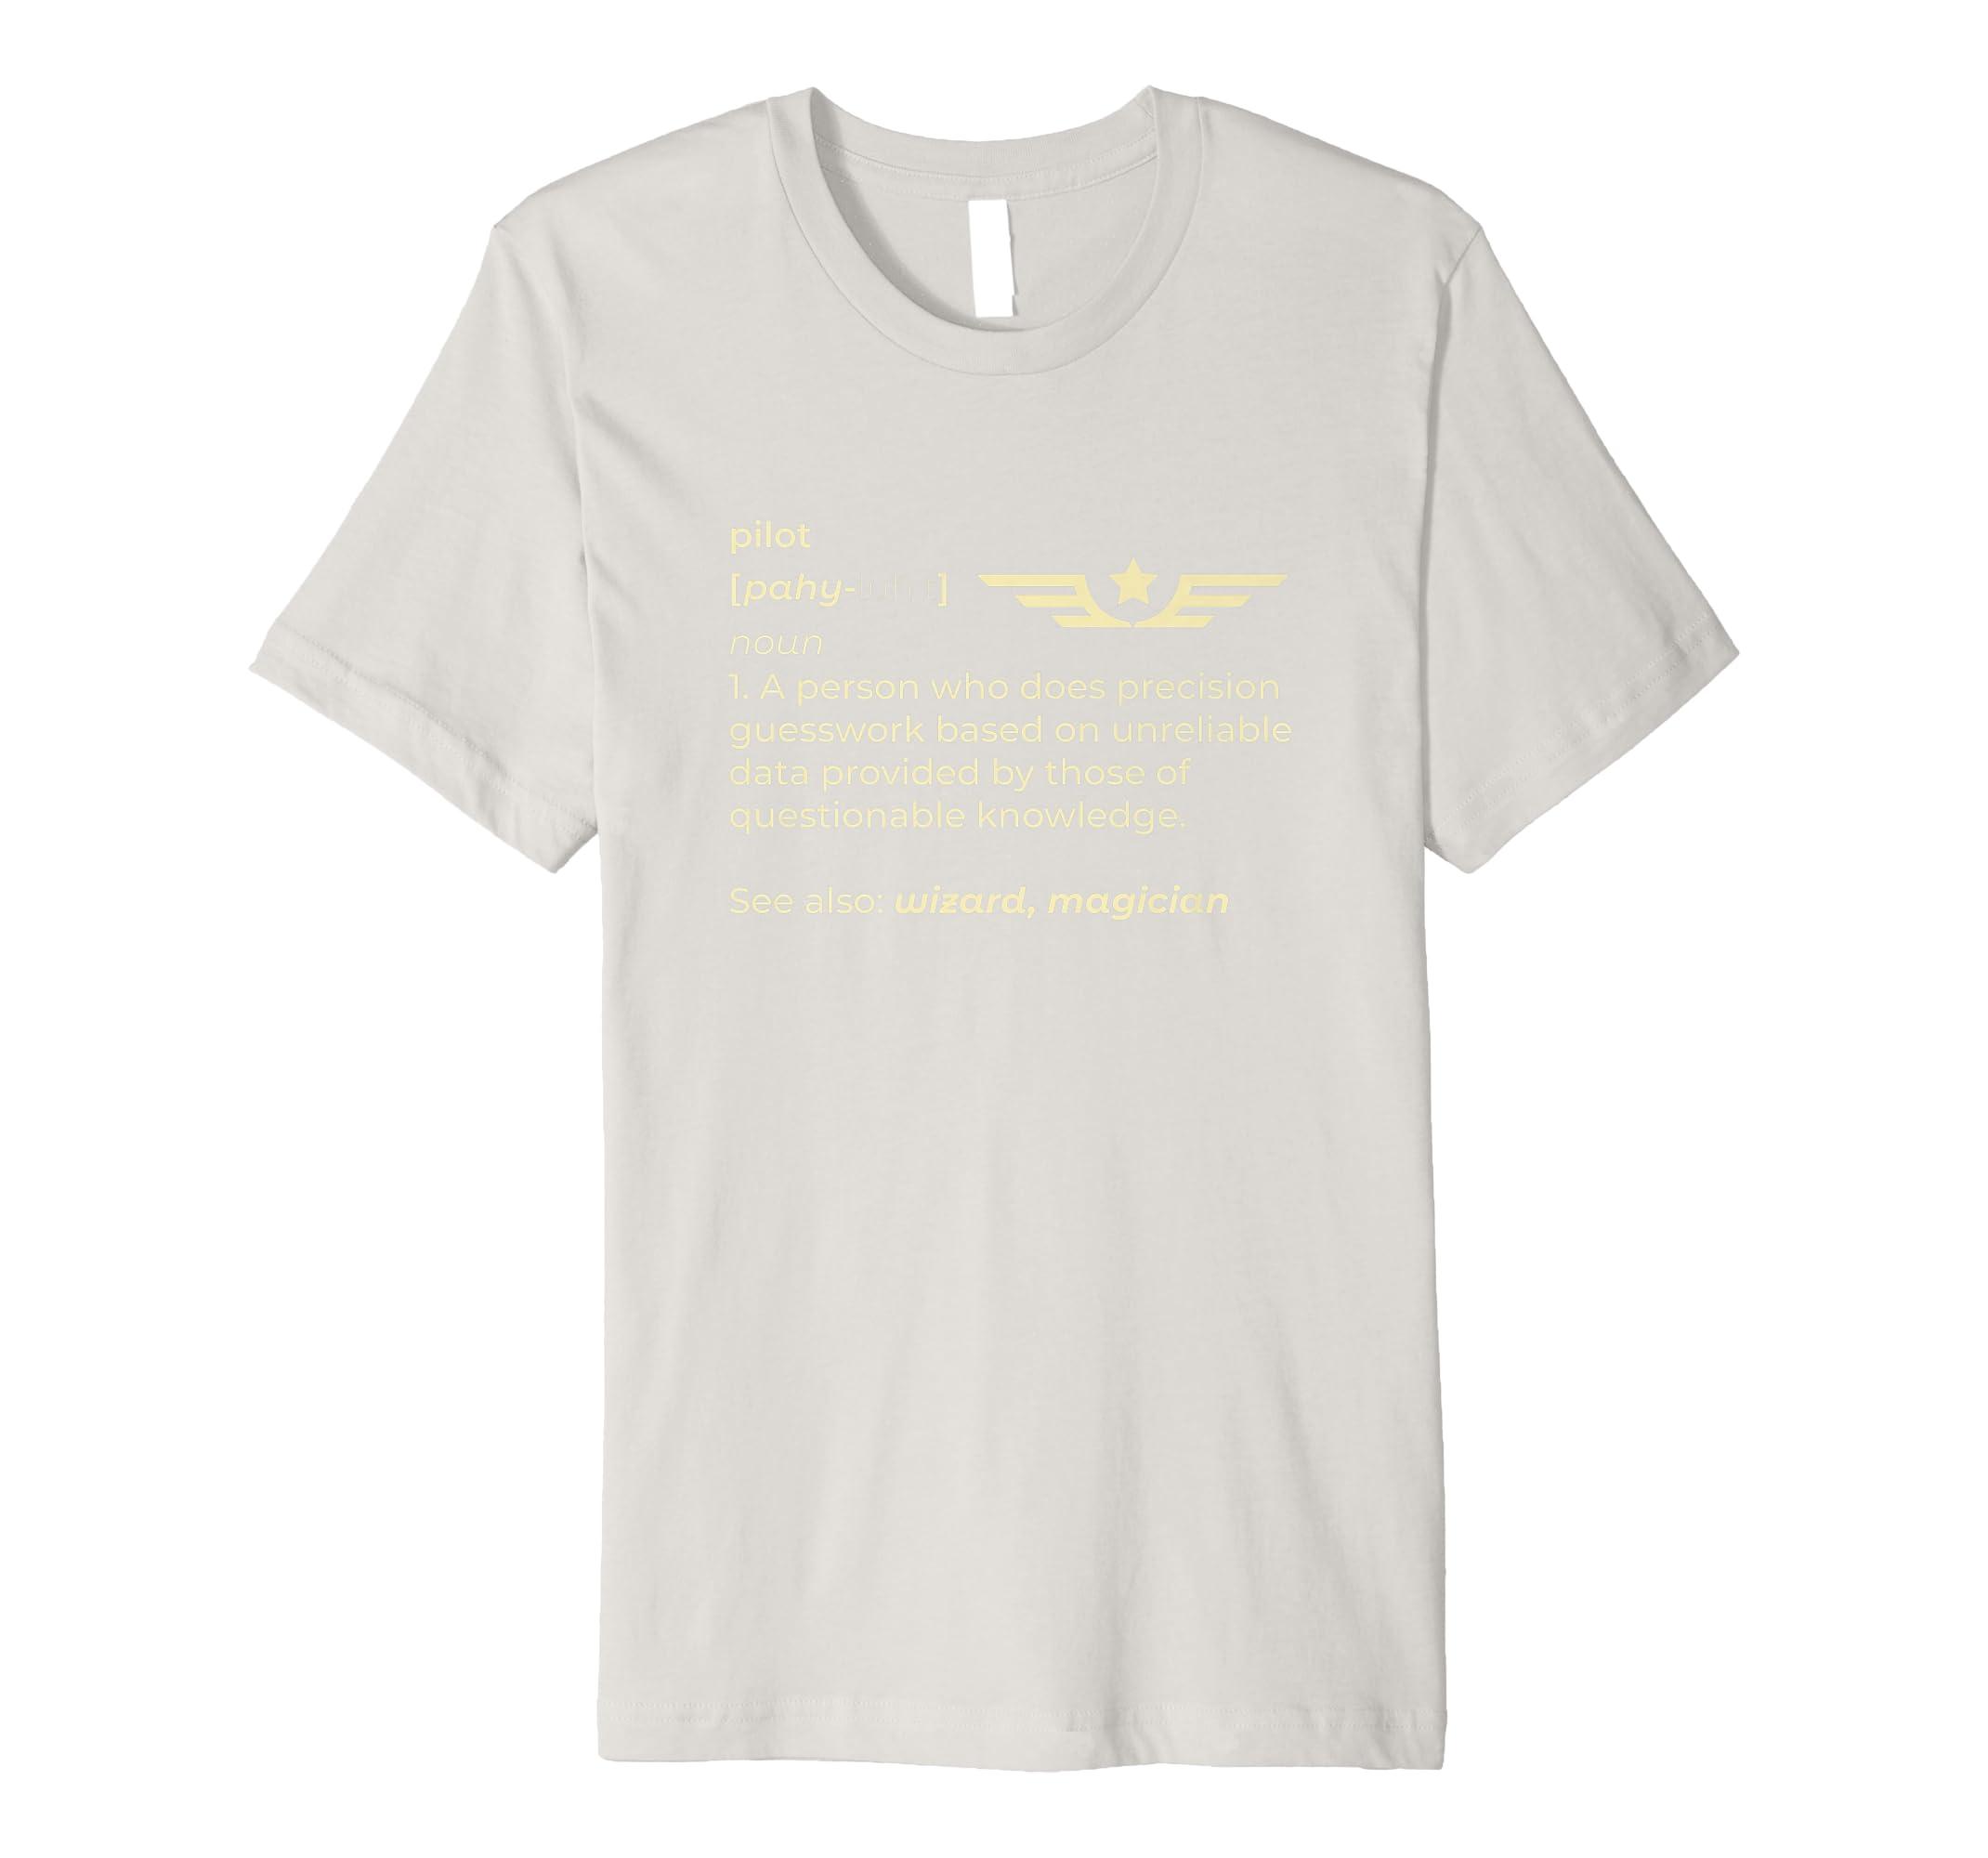 Funny Pilot Shirt Noun Definition Shirt I Men Women Gift-Teesml